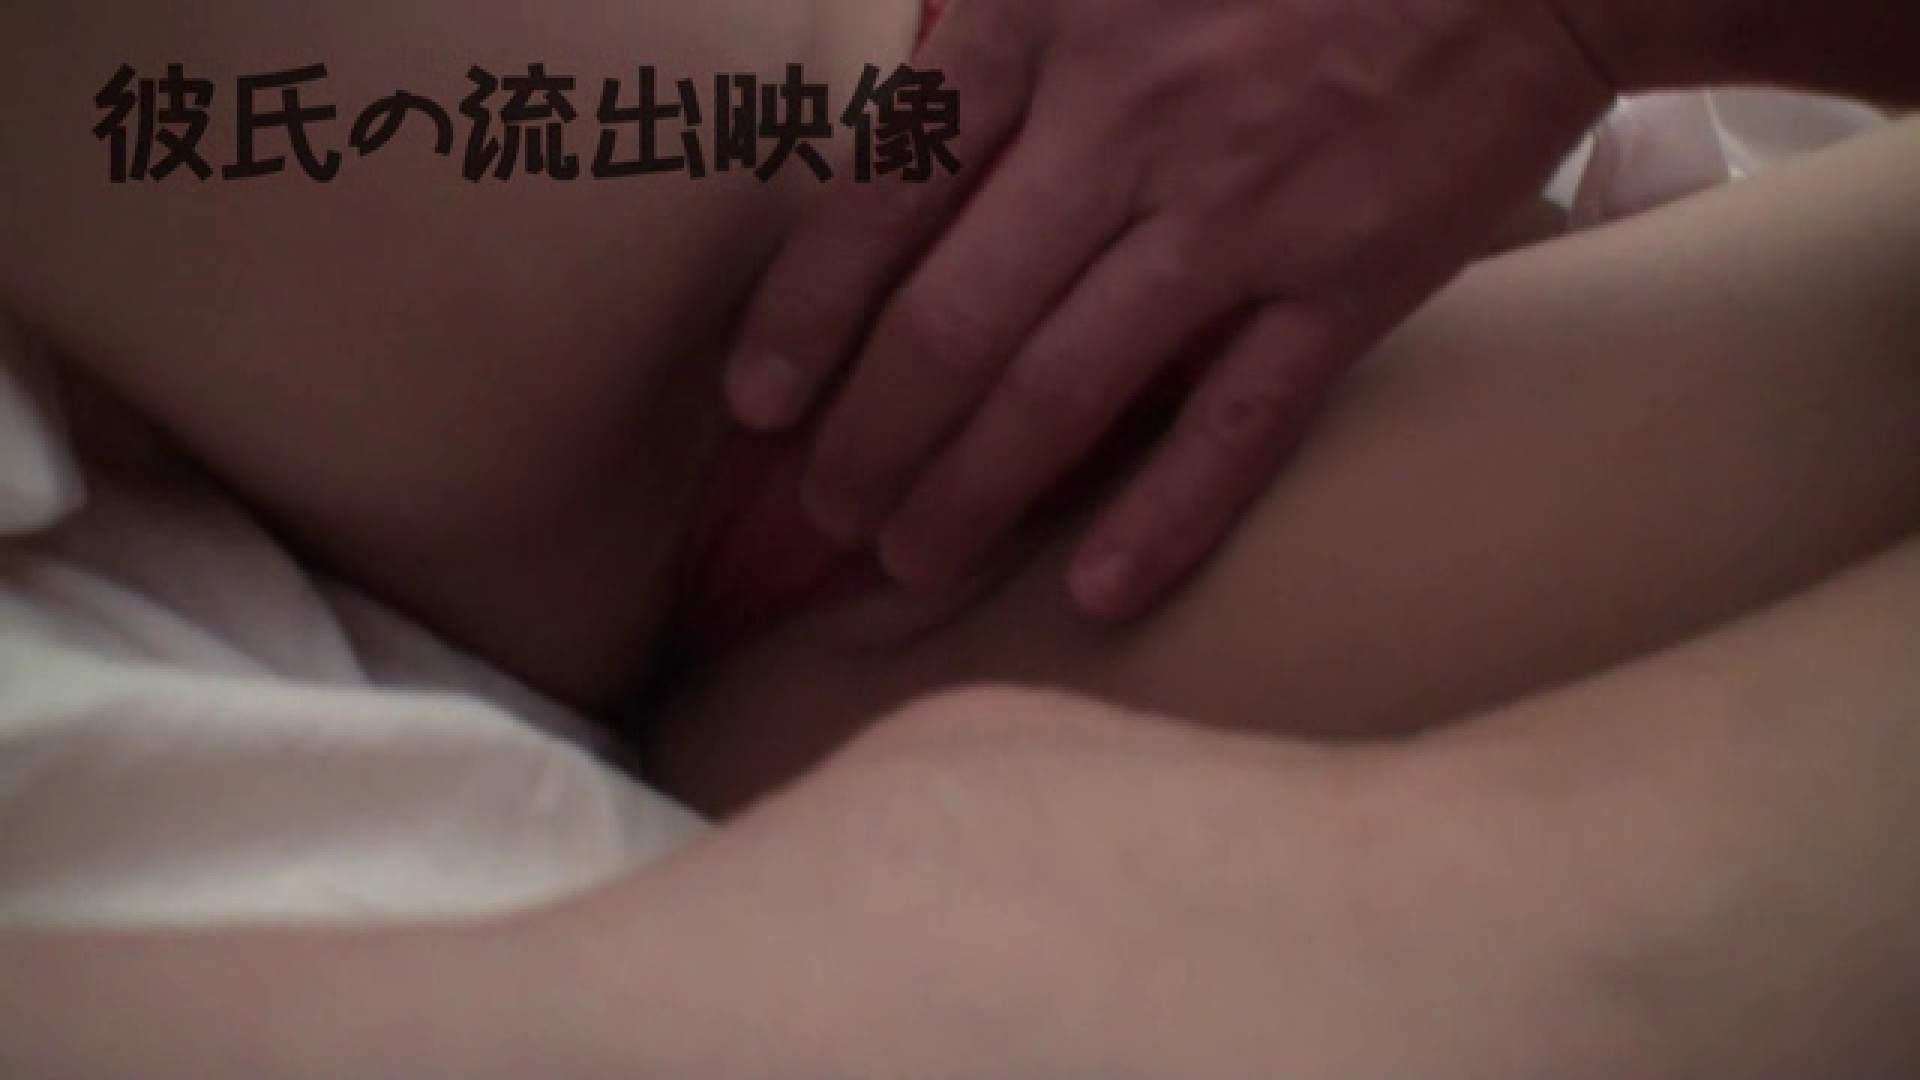 彼氏が流出 パイパン素人嬢のハメ撮り映像05 パイパンギャル | 一般投稿  72画像 29